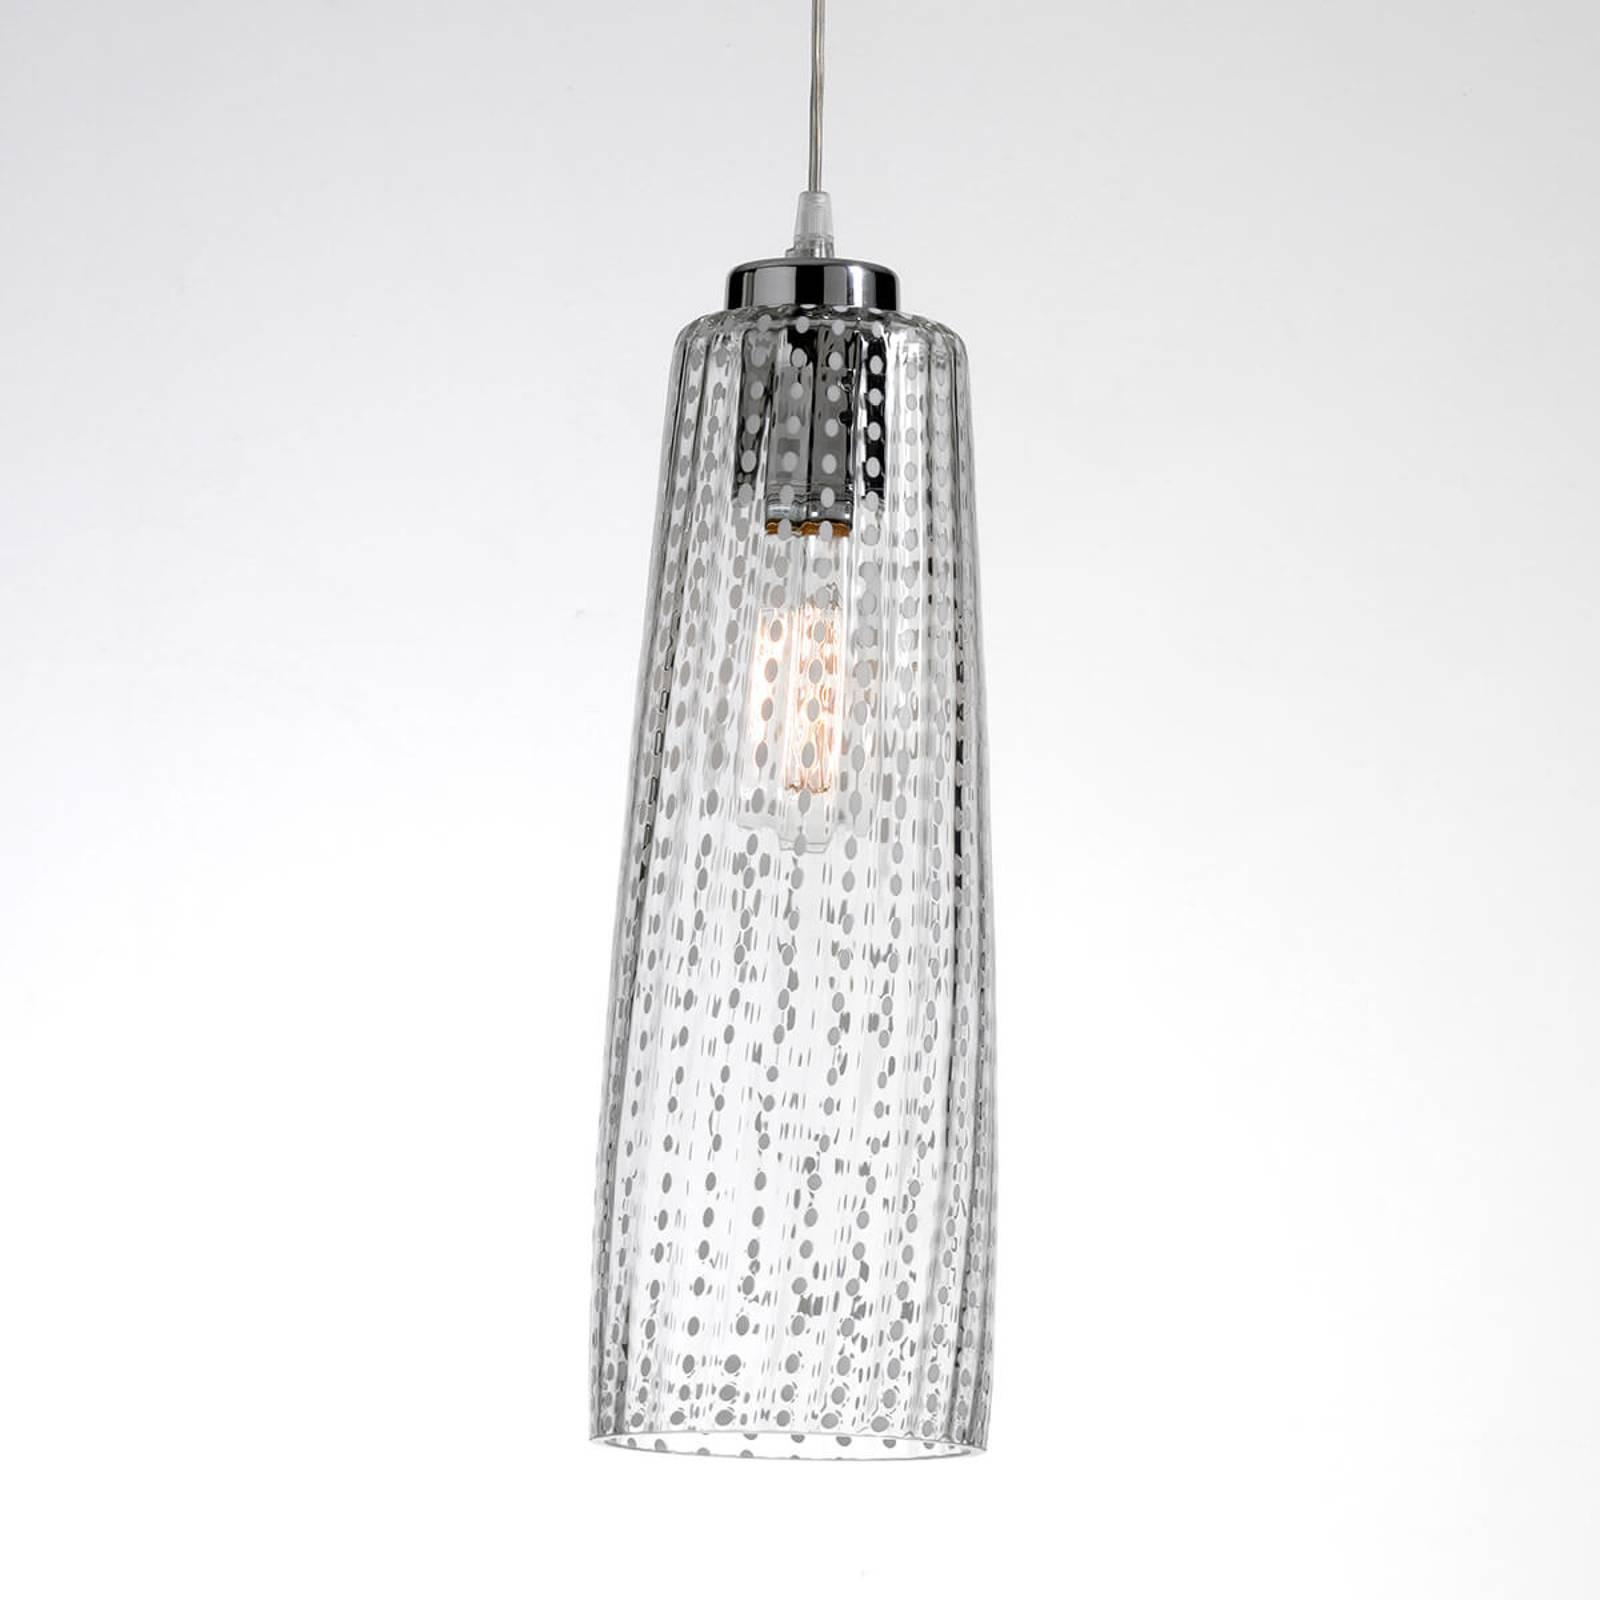 Szklana lampa wisząca Perle, przezroczysta